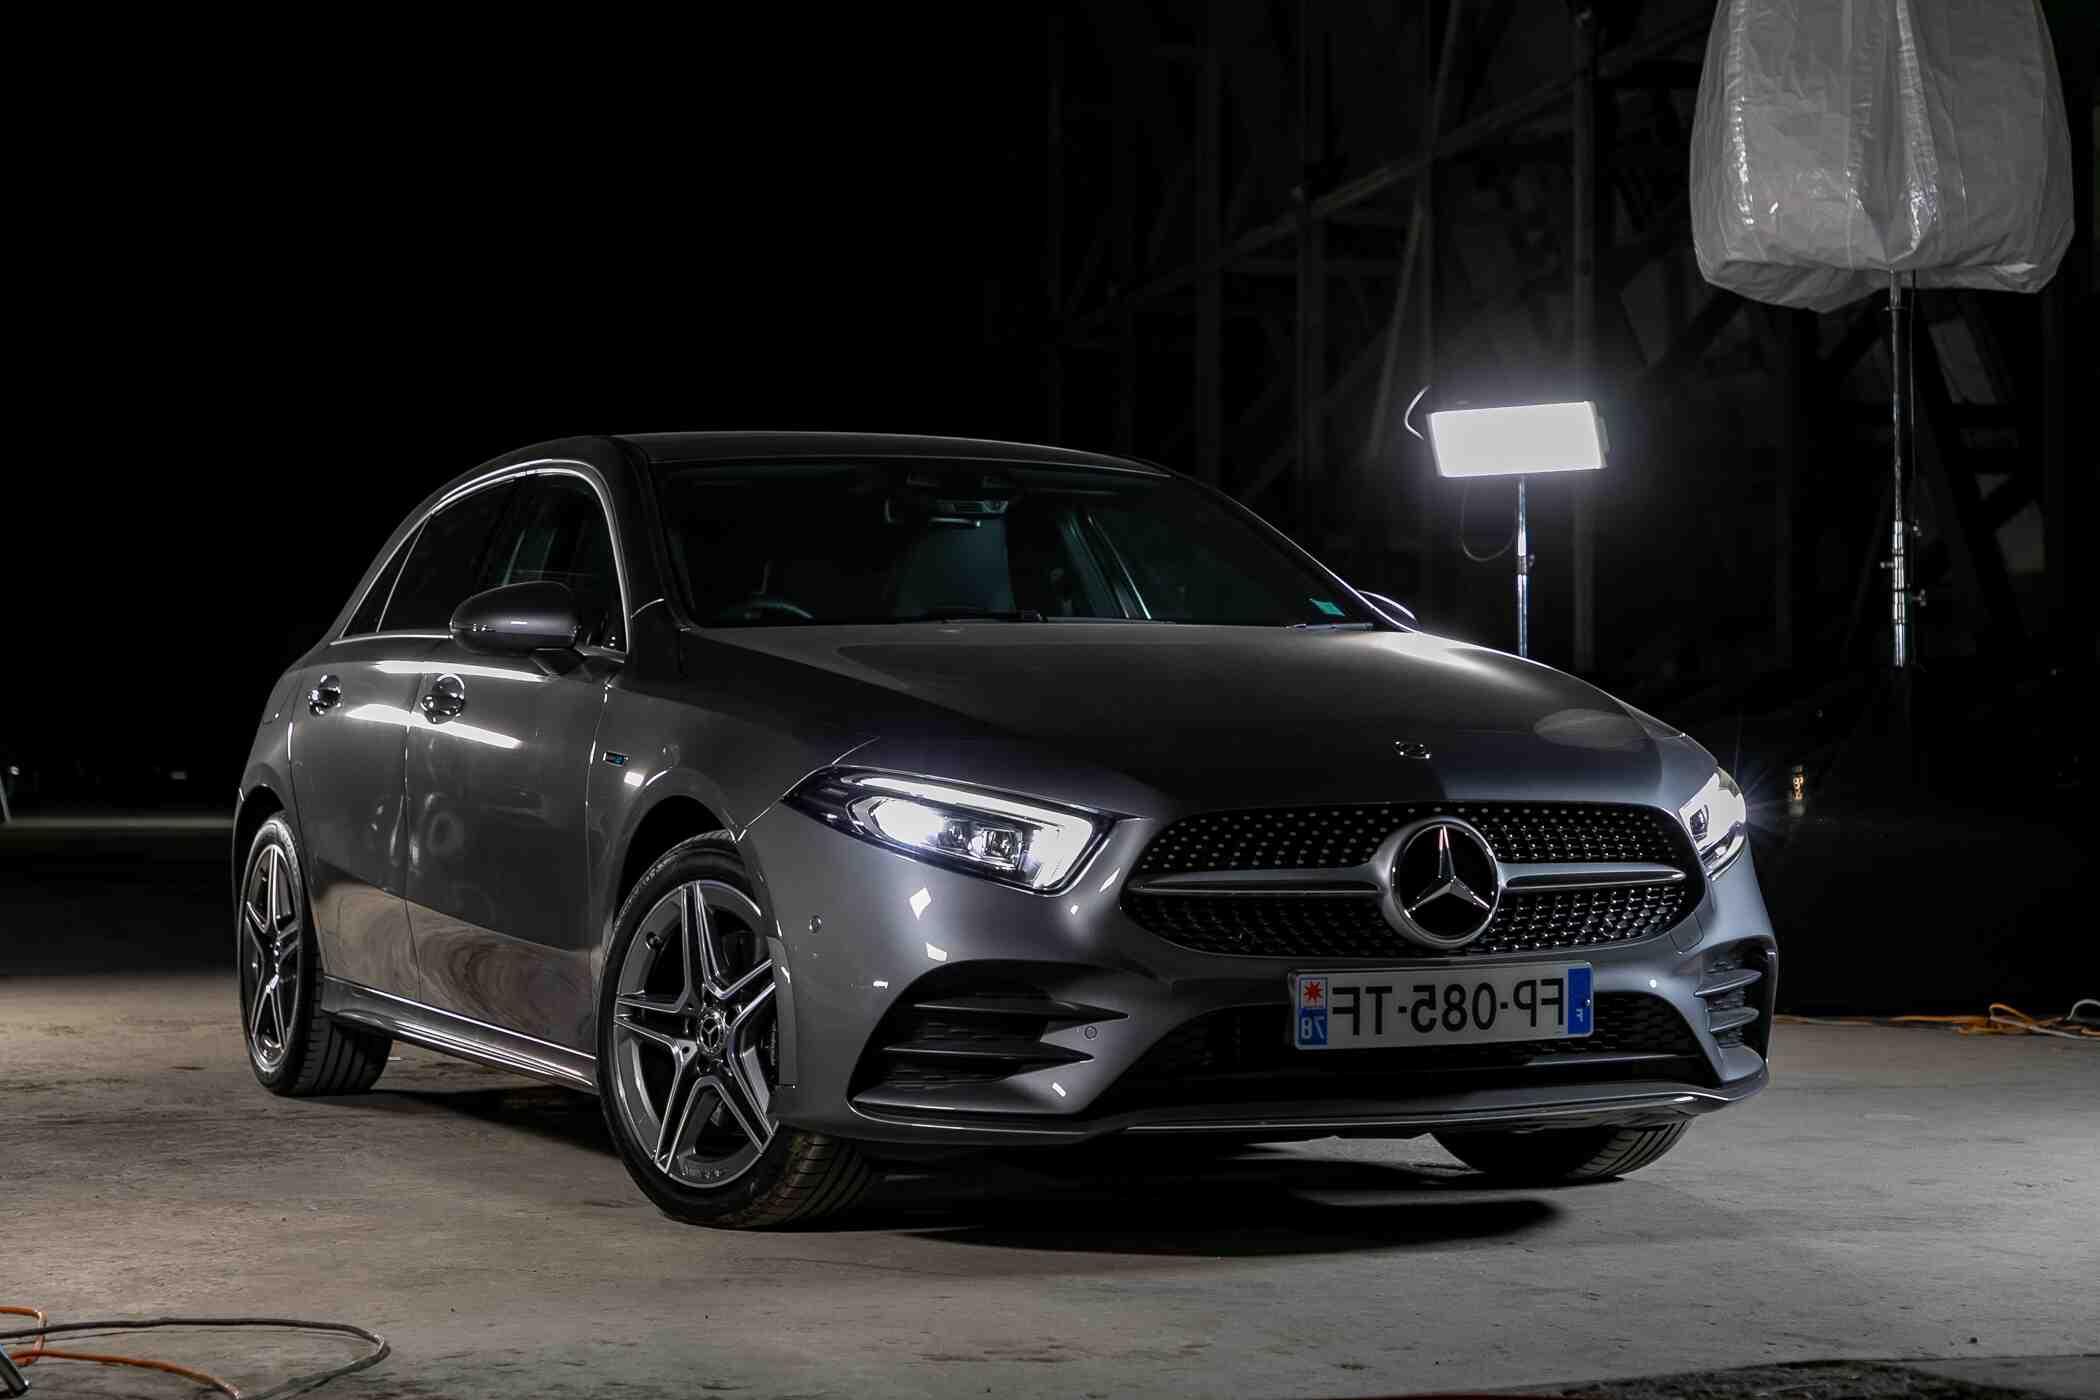 Quelle nouvelle voiture pouvez-vous acheter en 2020?